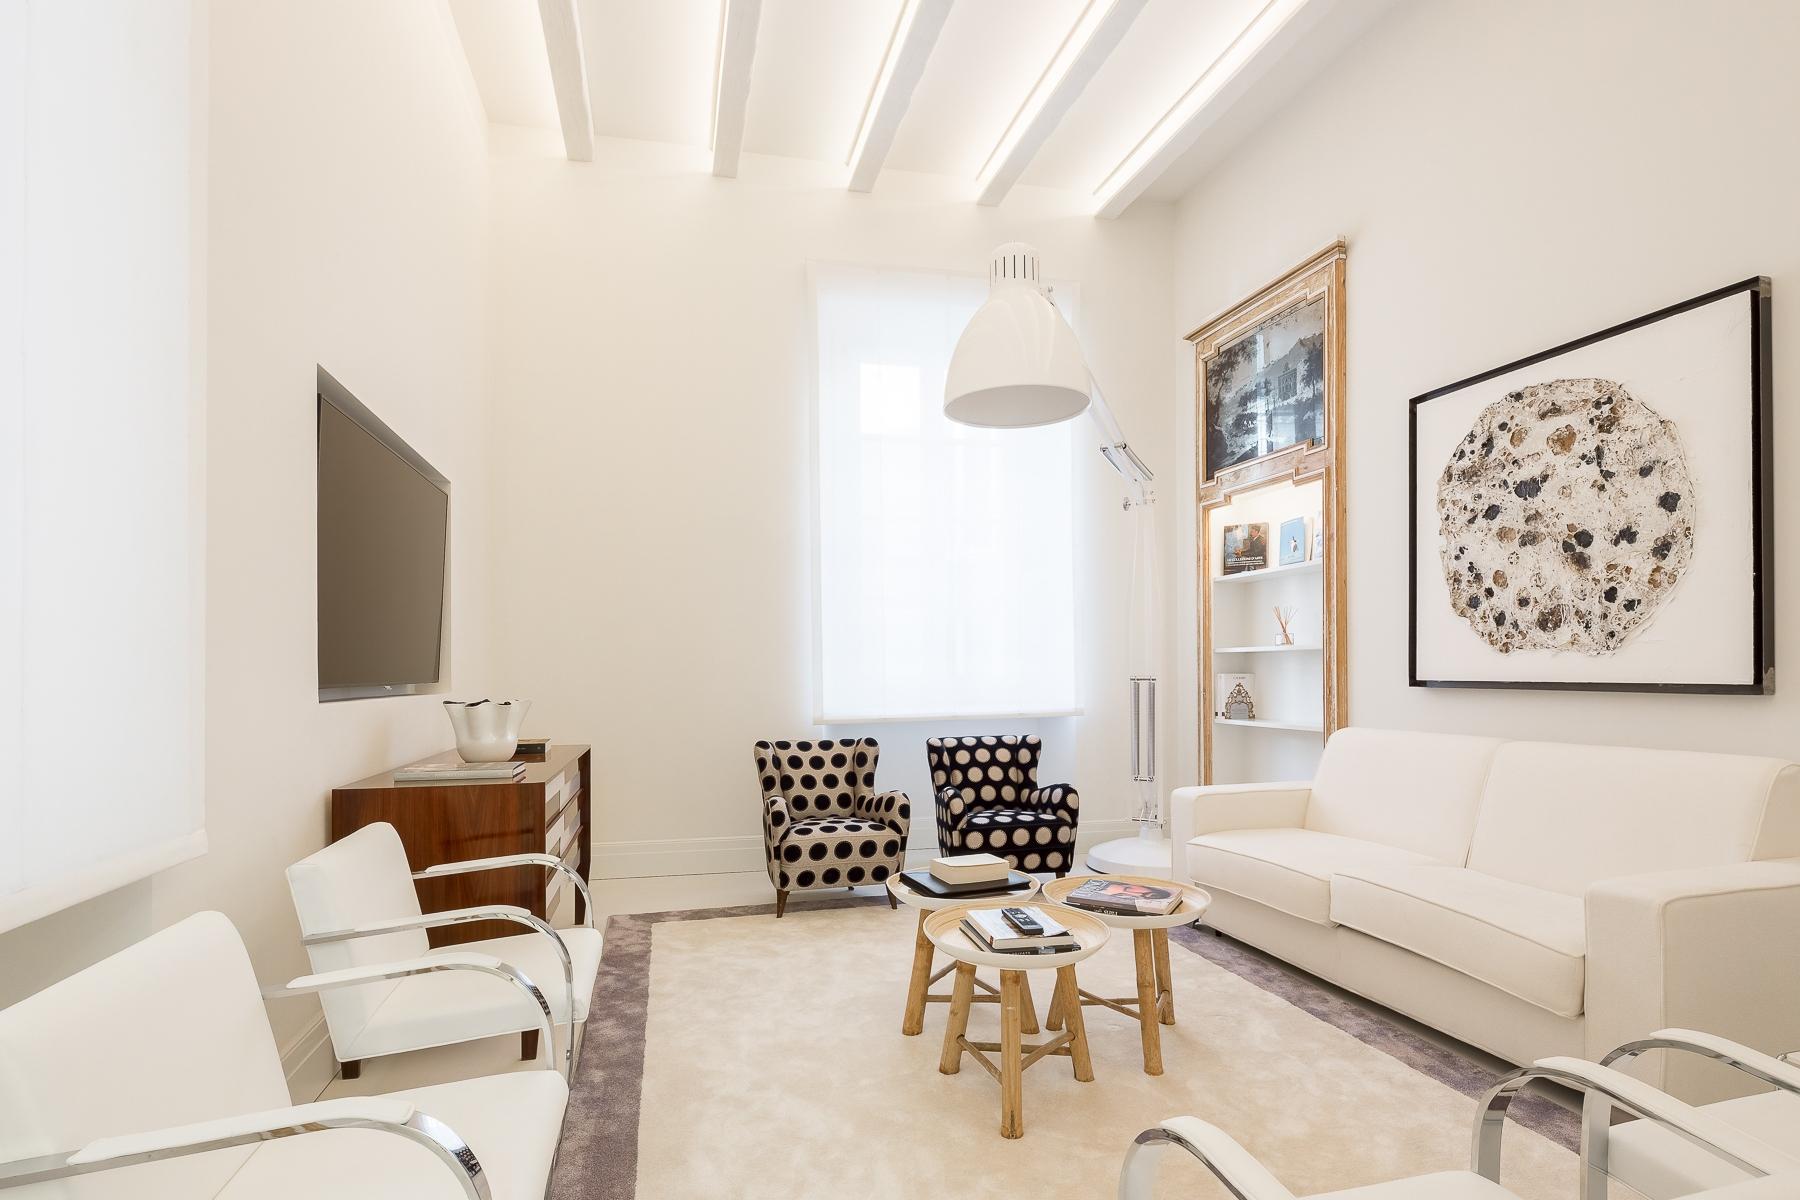 Appartamento di lusso in affitto a milano borgo via for Appartamento design affitto milano